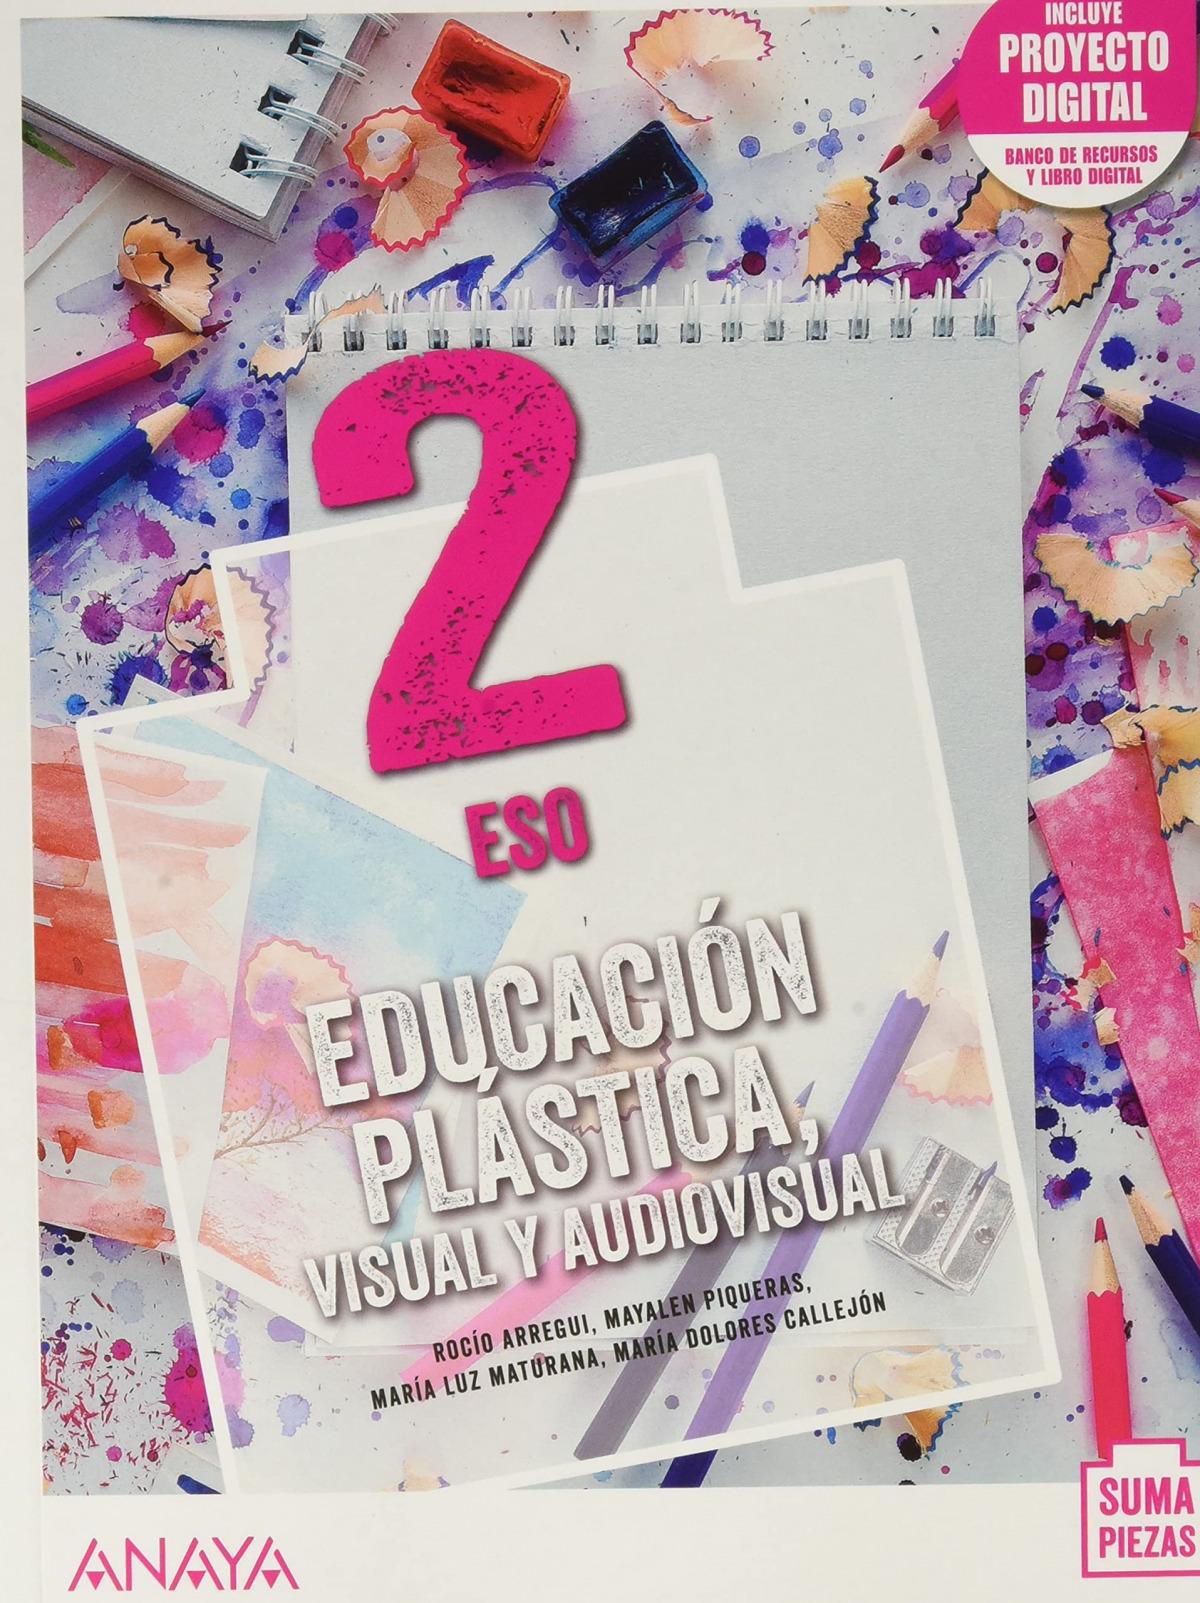 ESO 2 EDUCACIÓN PLÁSTICA, VISUAL Y AUDIOVISUAL (AND) + DUAL FOCUS. 2021